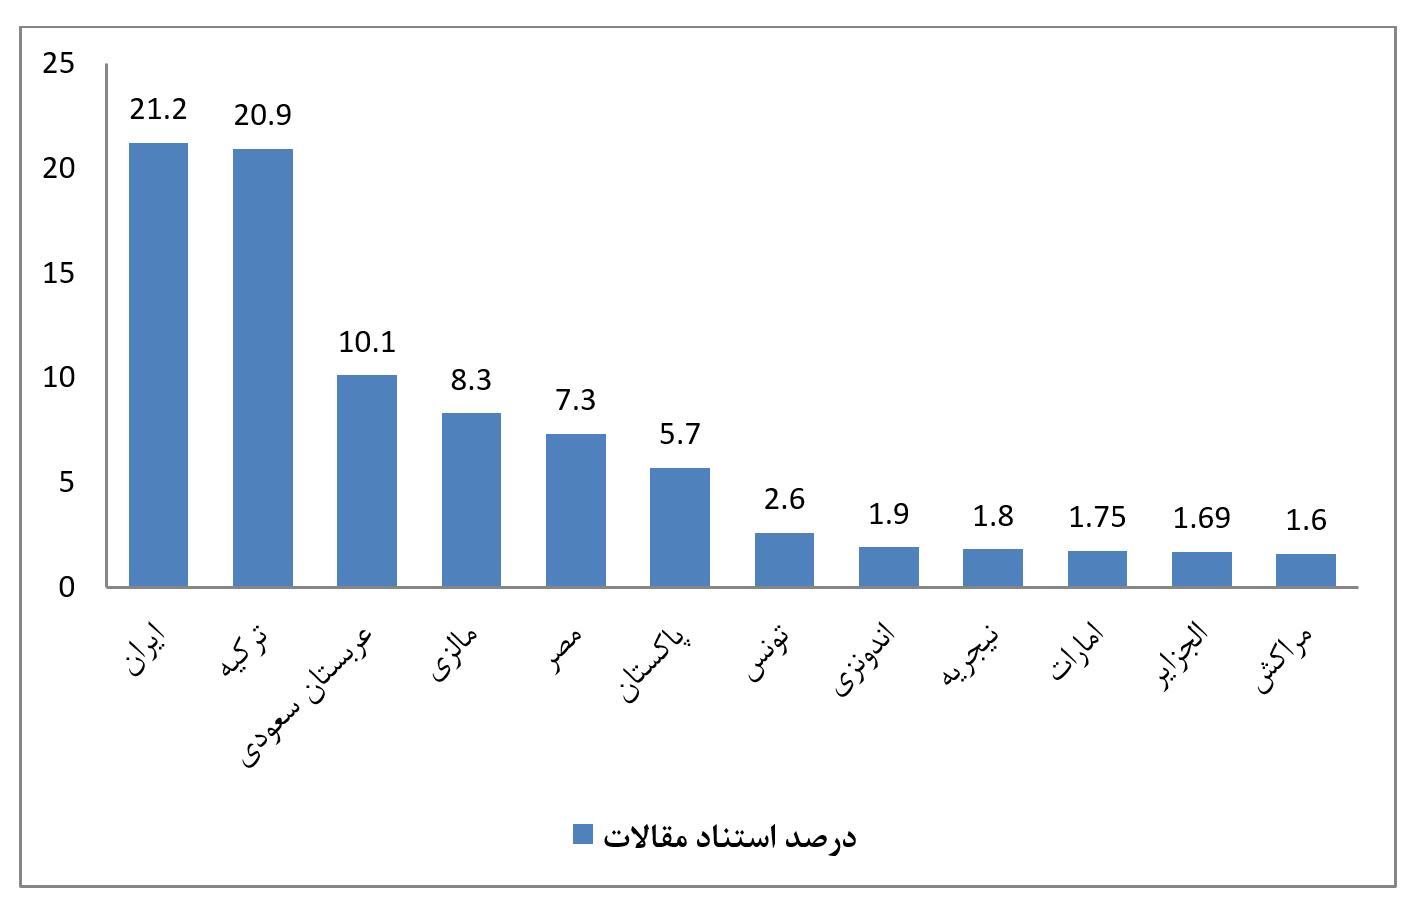 درصد استناد مقاله - ایران باکیفیتترین تولیدکننده علم در بین کشورهای اسلامی